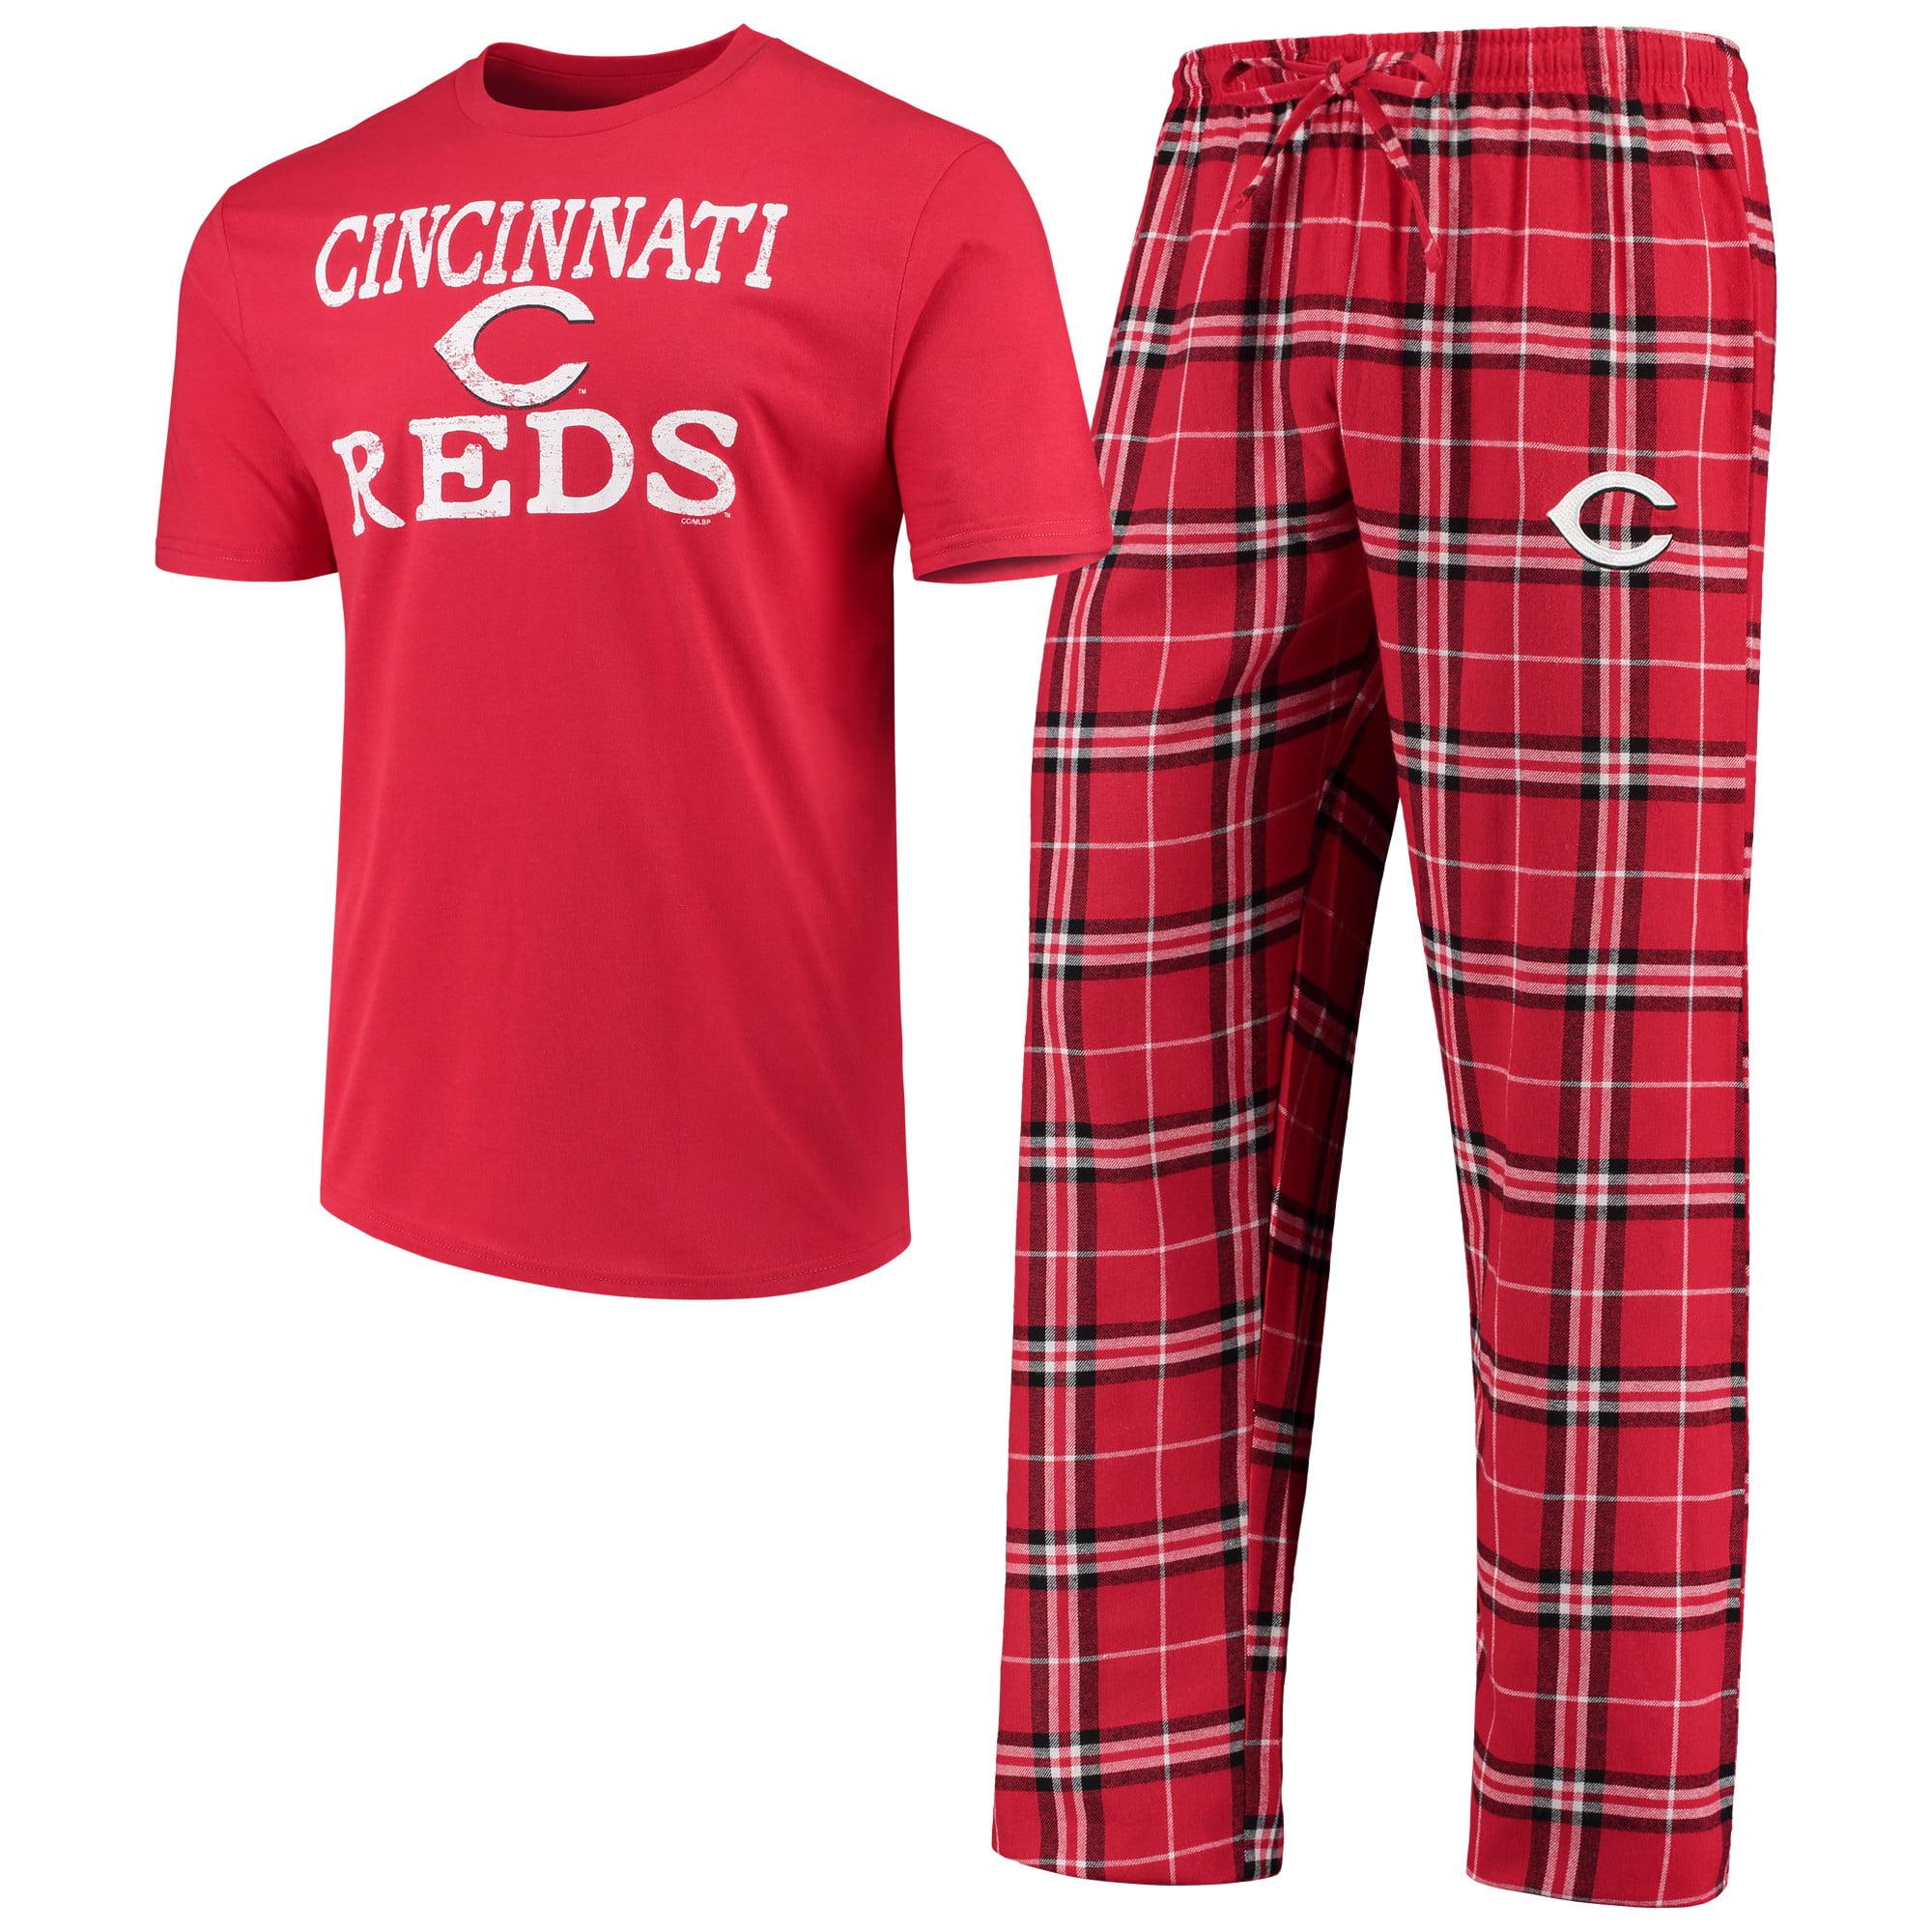 Cincinnati Reds Concepts Sport Duo Pants & Top Set - Red